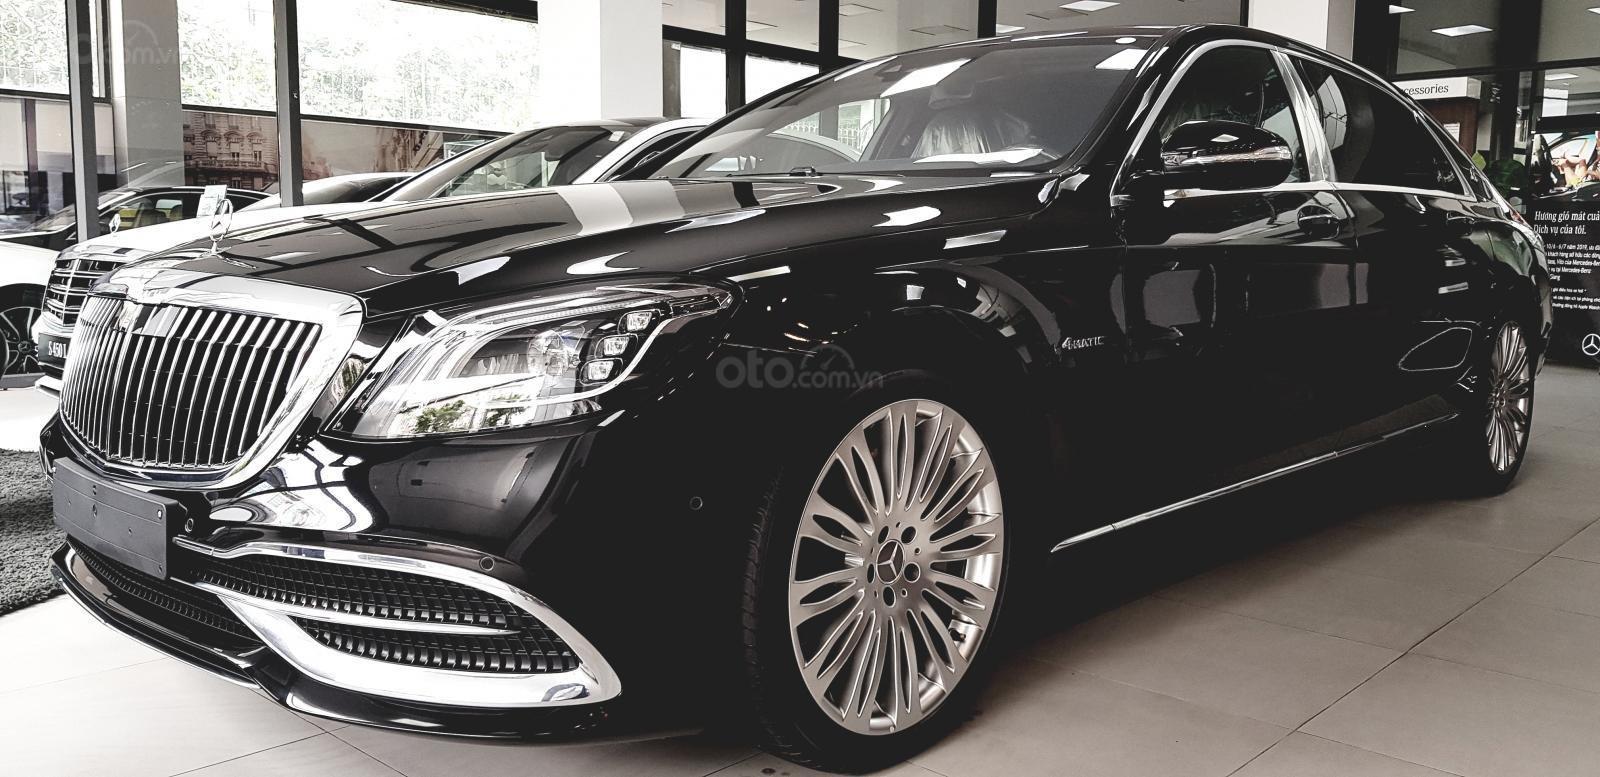 Mercedes-Benz Maybach S450 đời 2019 nhập khẩu, xe giao ngay khuyến mãi lớn, liên hệ 0913332288 (9)